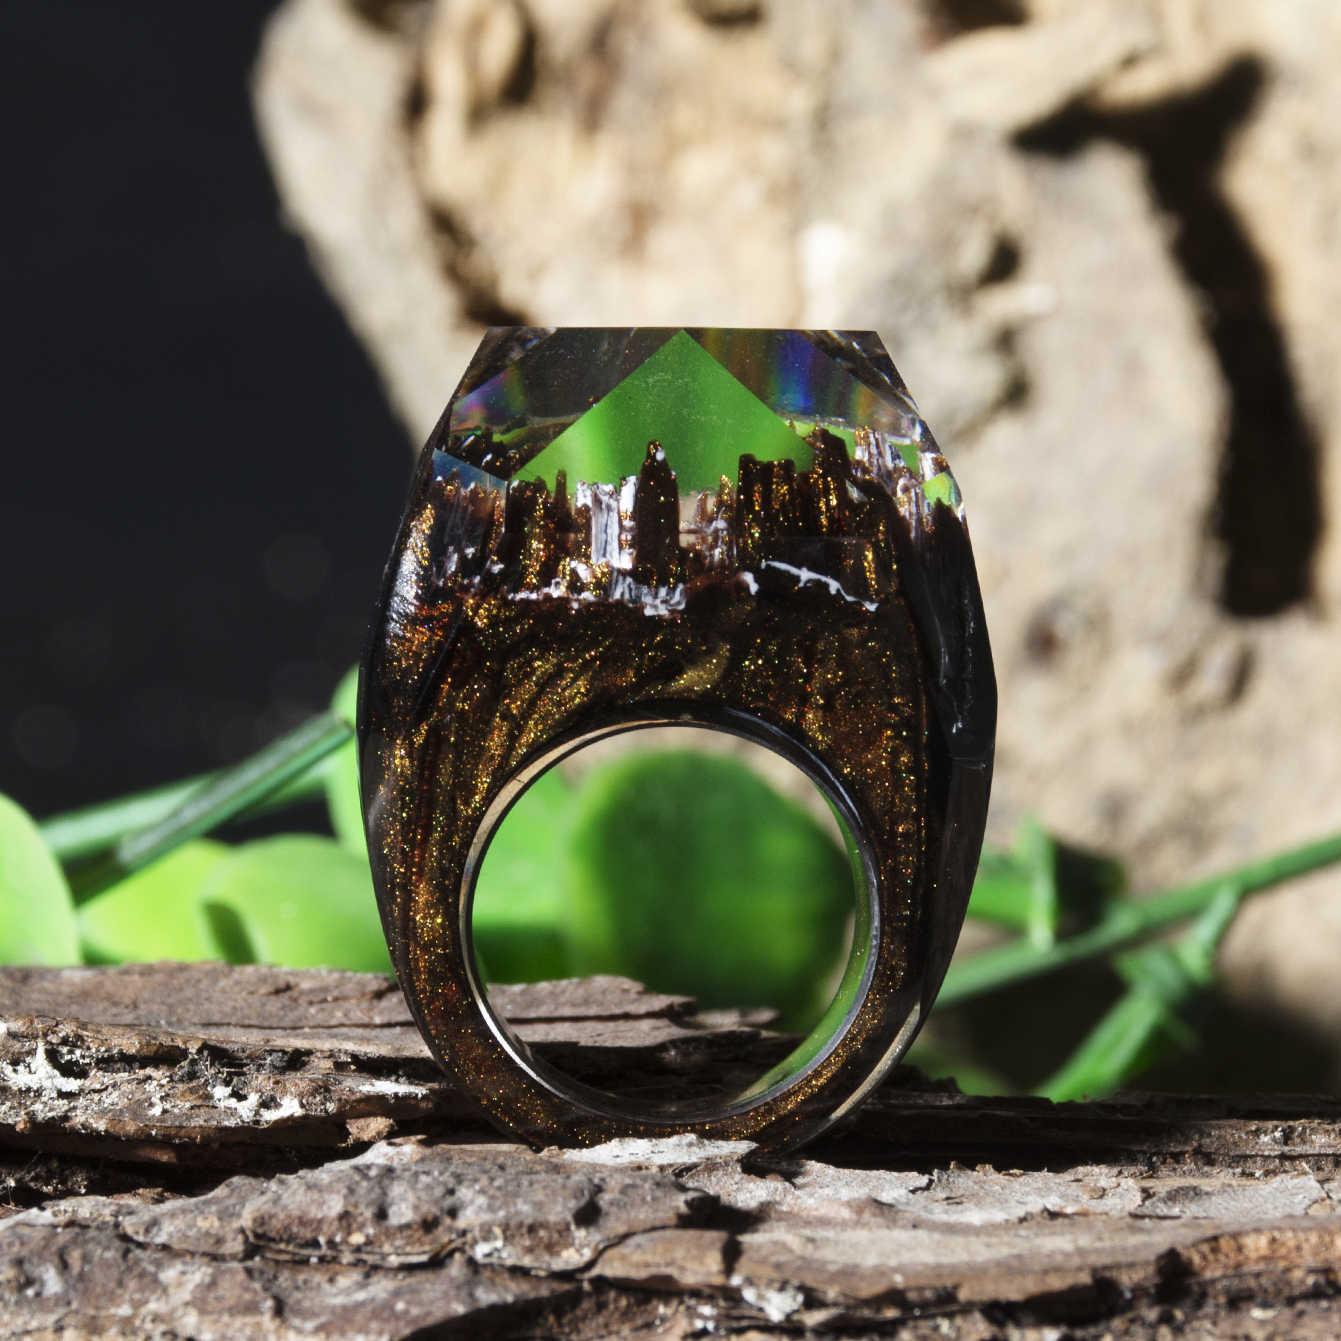 Night ไม้เรซิ่นแหวน Eco อีพ็อกซี่เครื่องประดับไม้สีเขียว Secret Of The Magical World เล็กๆภูมิทัศน์